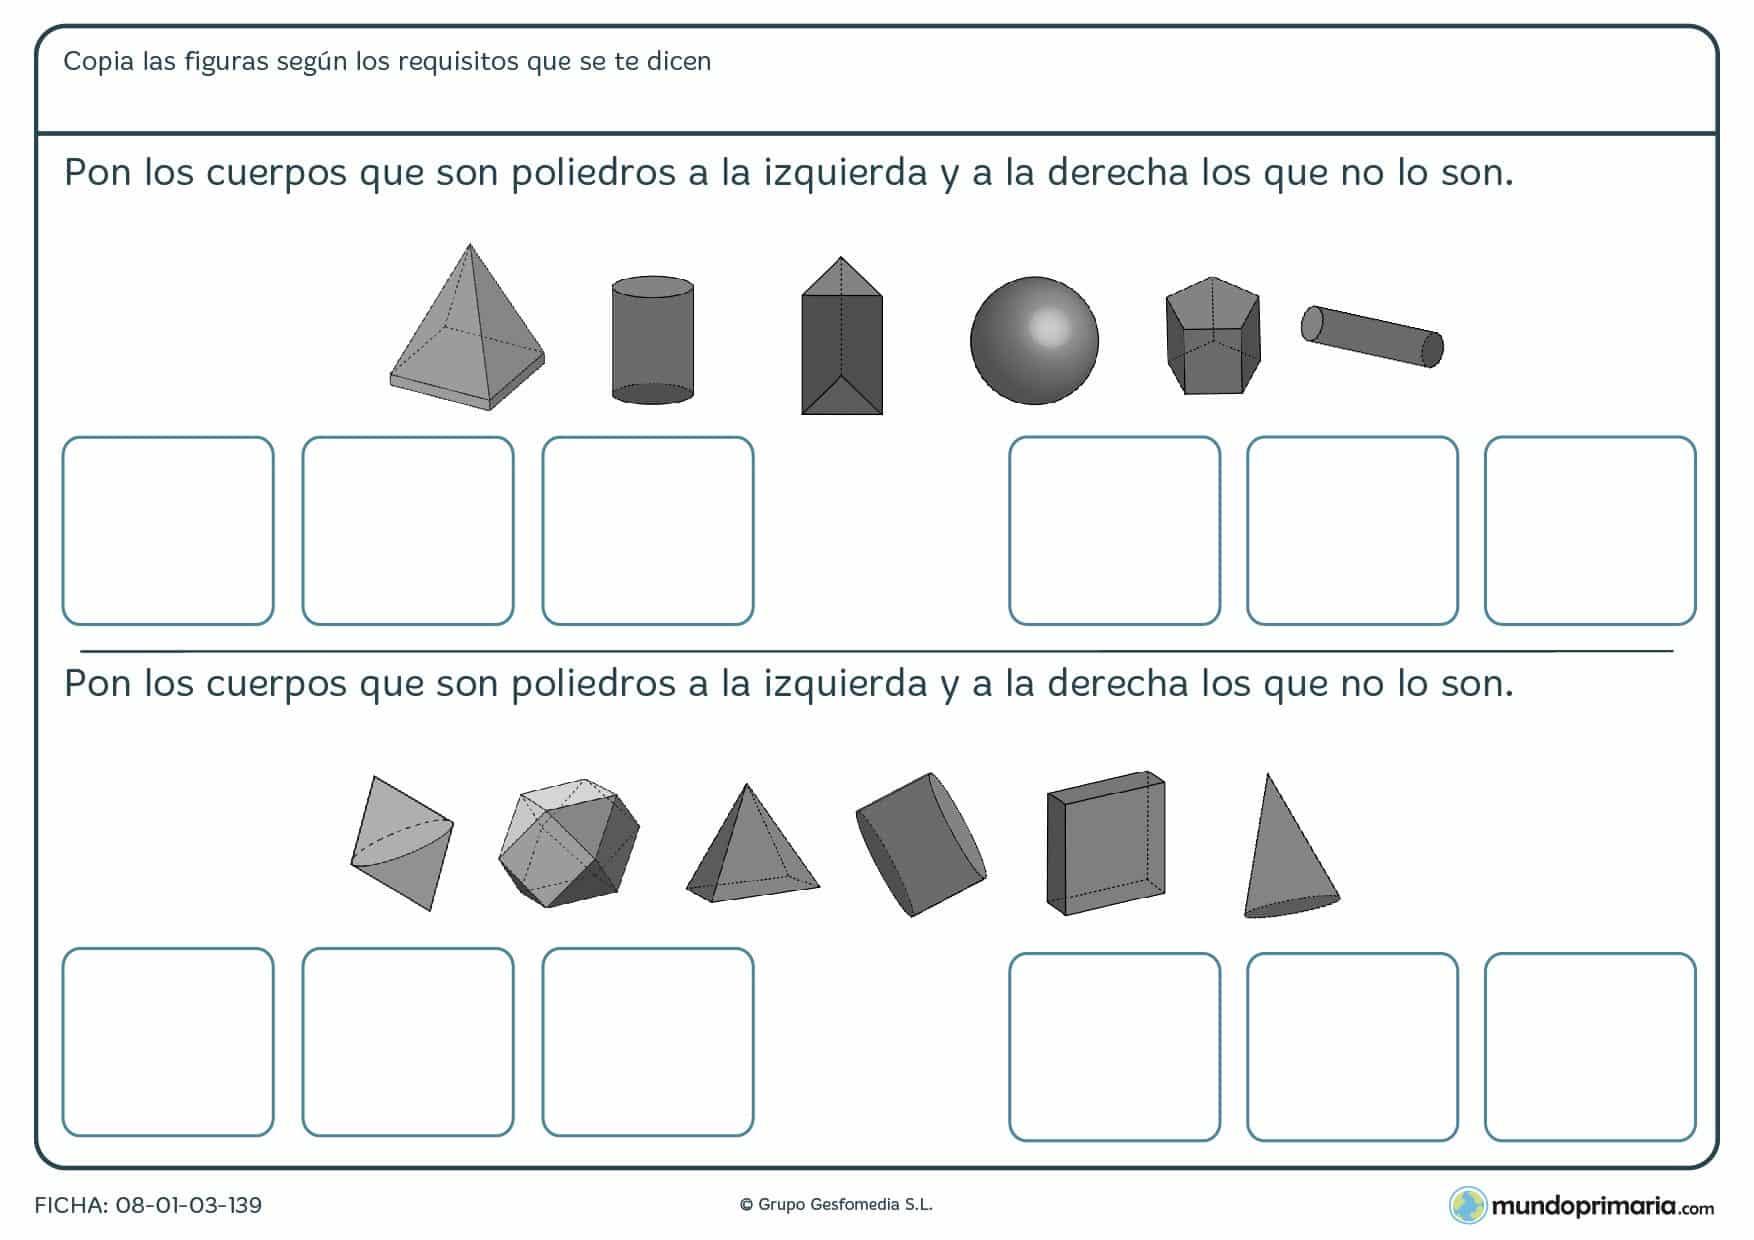 Ficha de colocar poliedros en las casillas de la izquierda y los que no en las de la derecha.